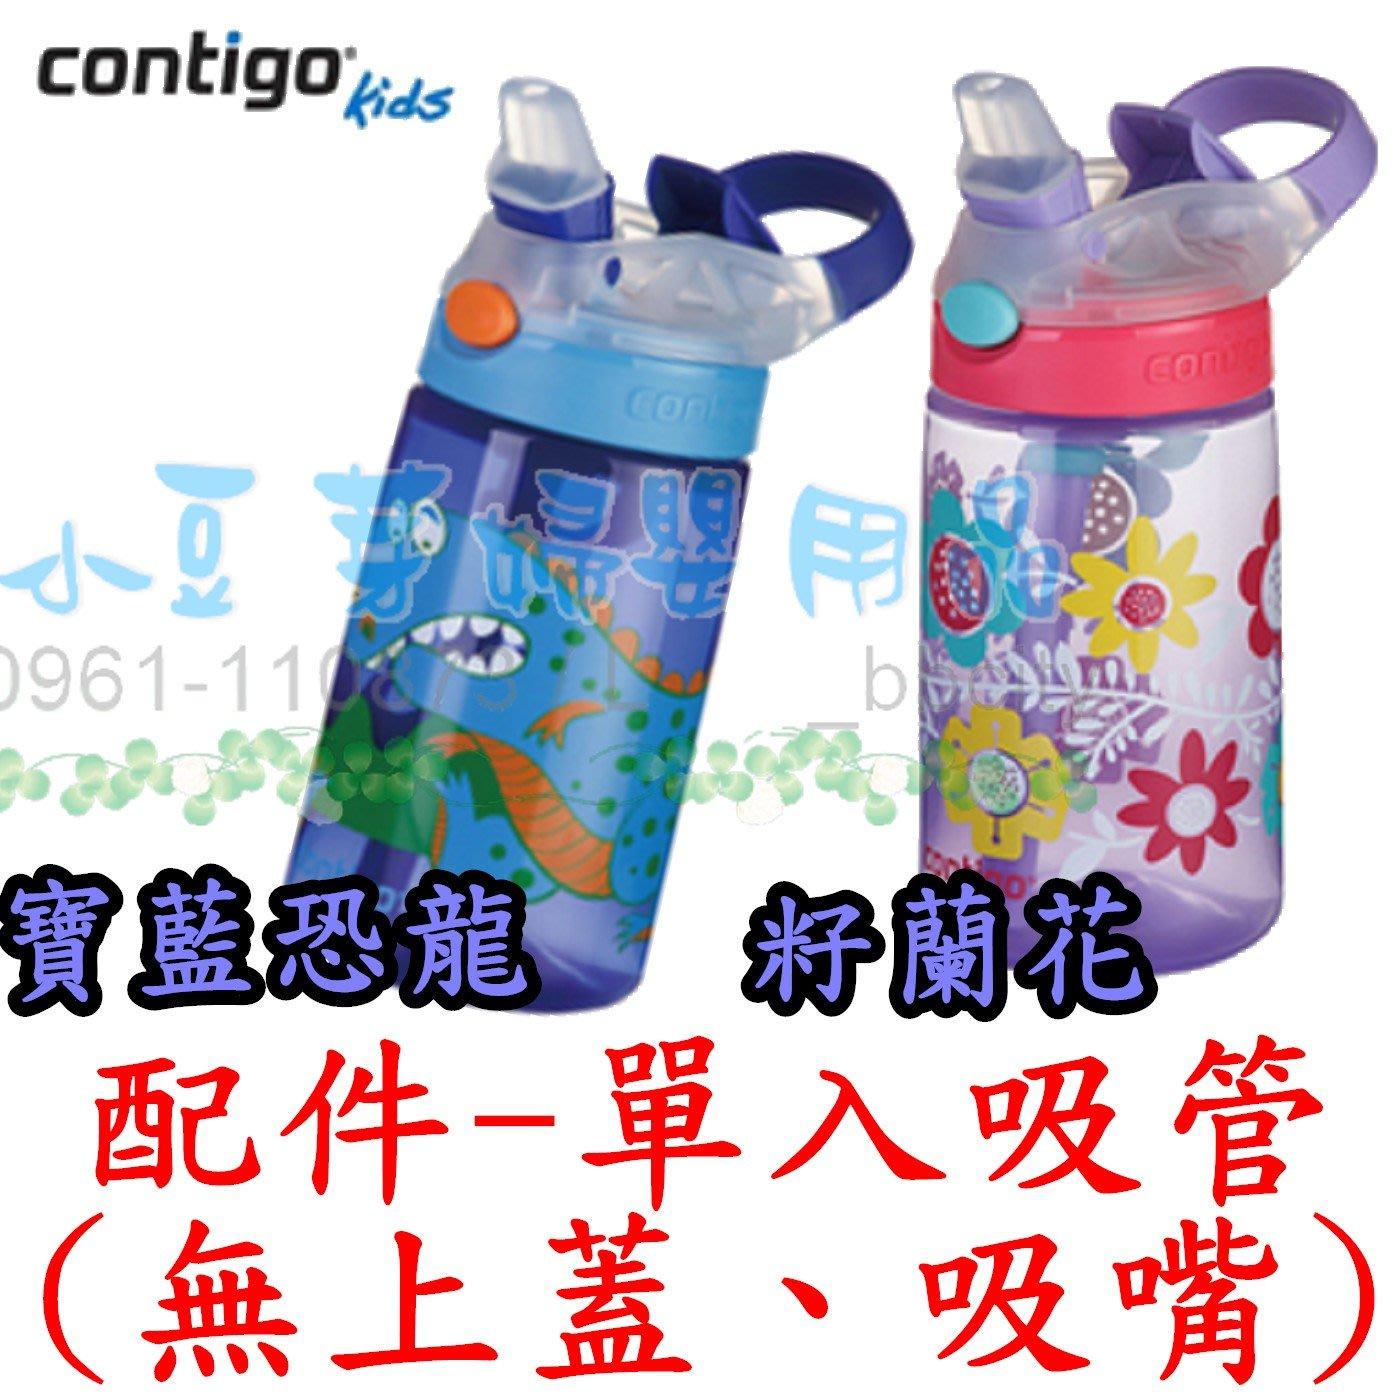 Contigo 兒童水壺吸管瓶配件-吸管(單入) §小豆芽§ Contigo 兒童水壺吸管瓶配件-吸管(單入)